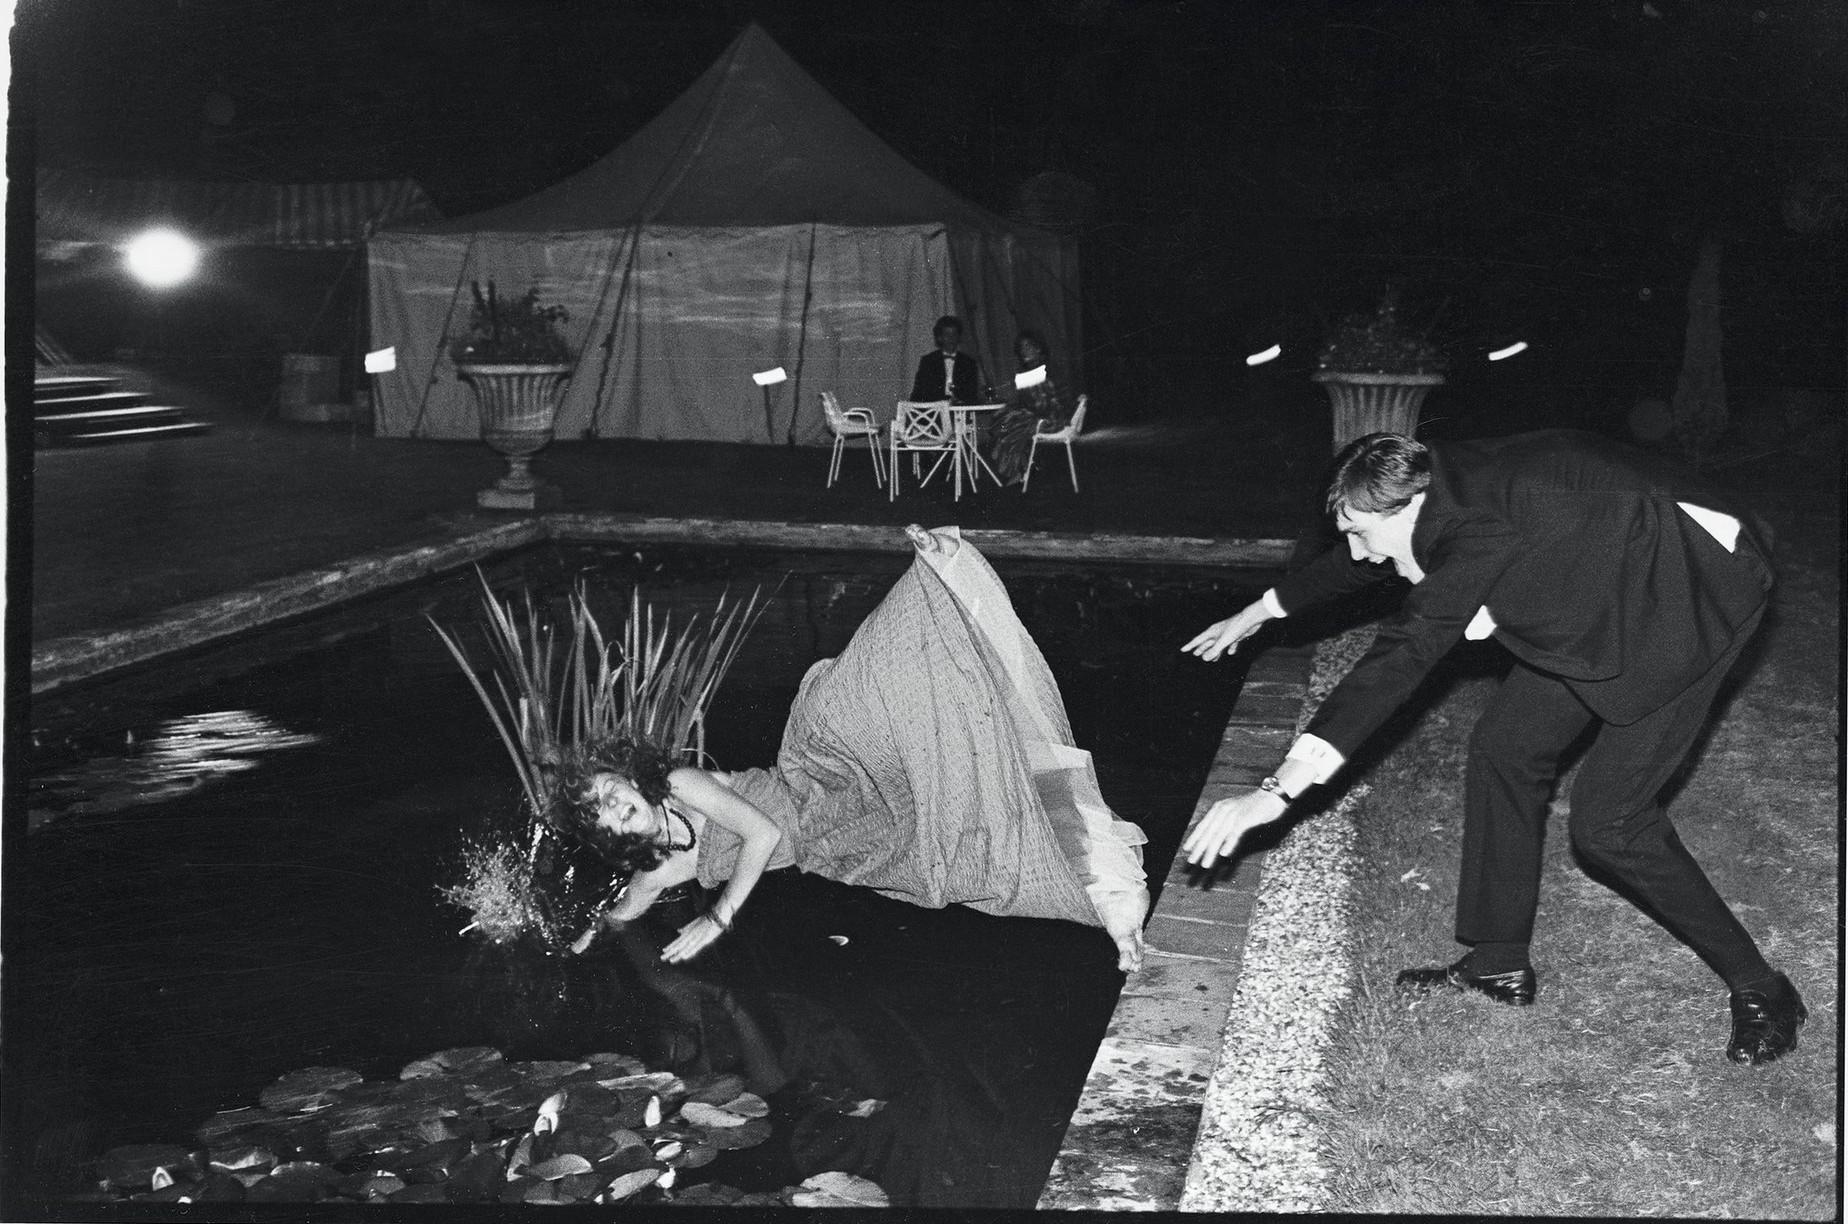 Дебютантка в пруду с лилиями. Чарльз Макдауэлл толкает Поп Винсент во время танцевального вечера Мар